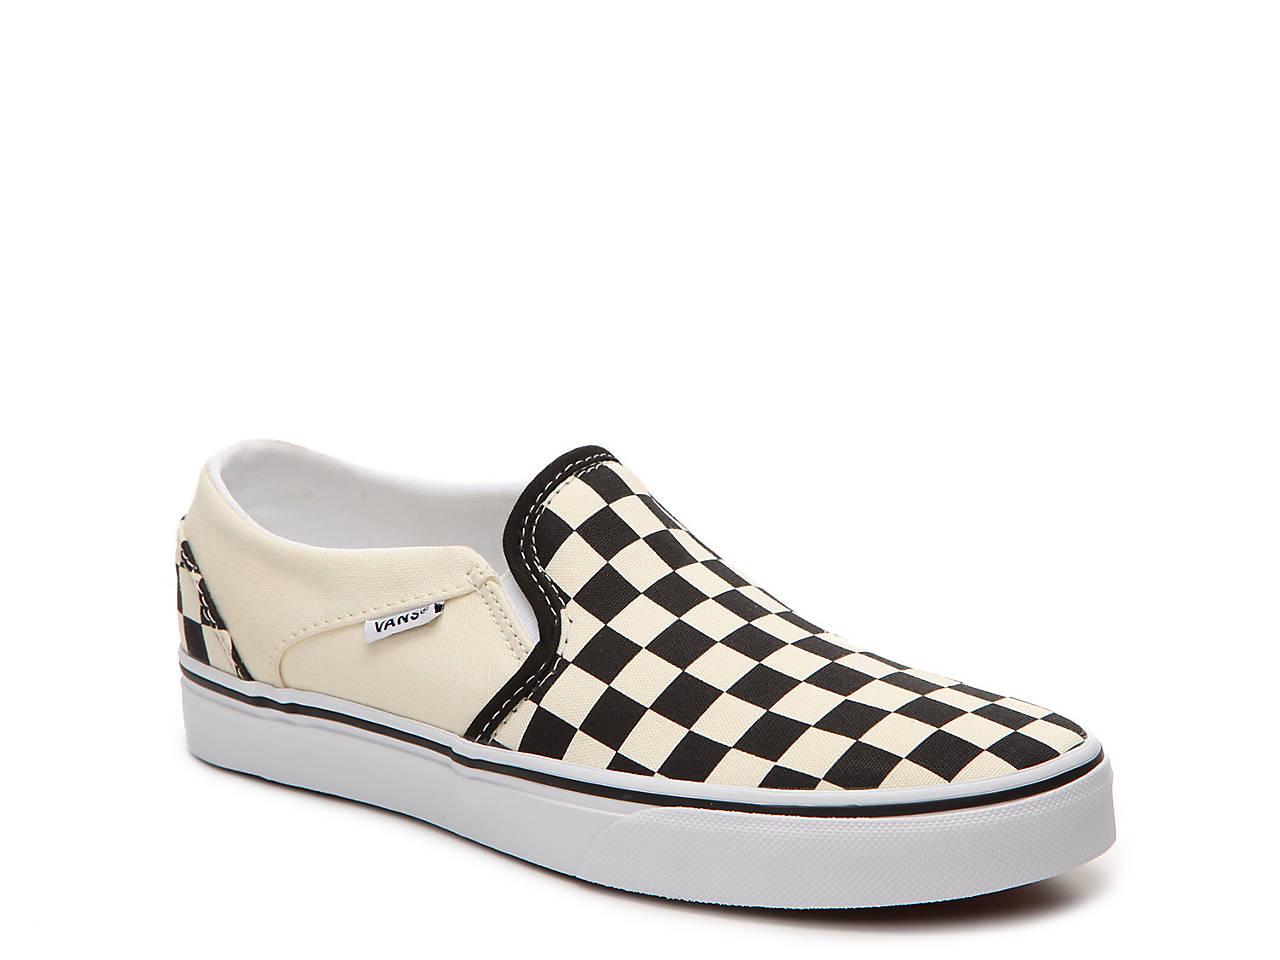 Vans, skate shoe